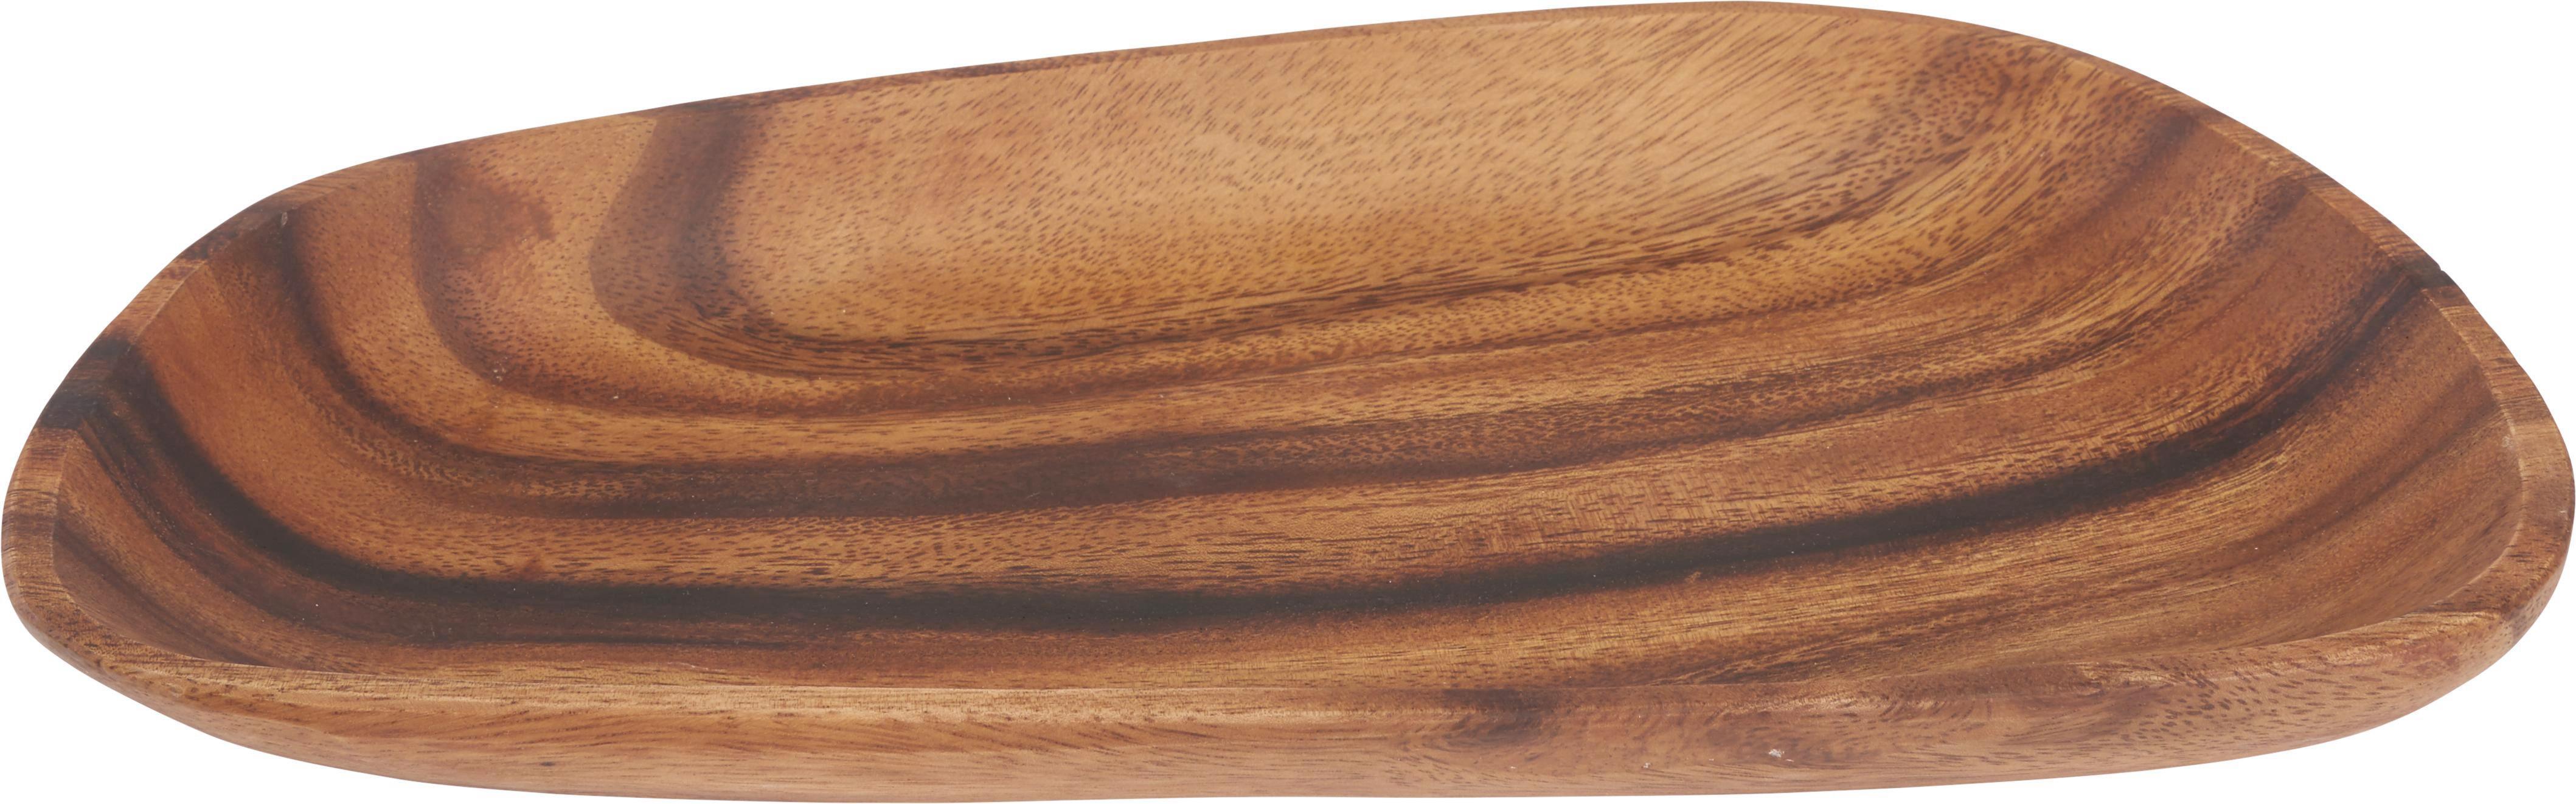 Dekoteller Masai in Braun aus Holz - Braun, LIFESTYLE, Holz (31/18/3cm) - MÖMAX modern living